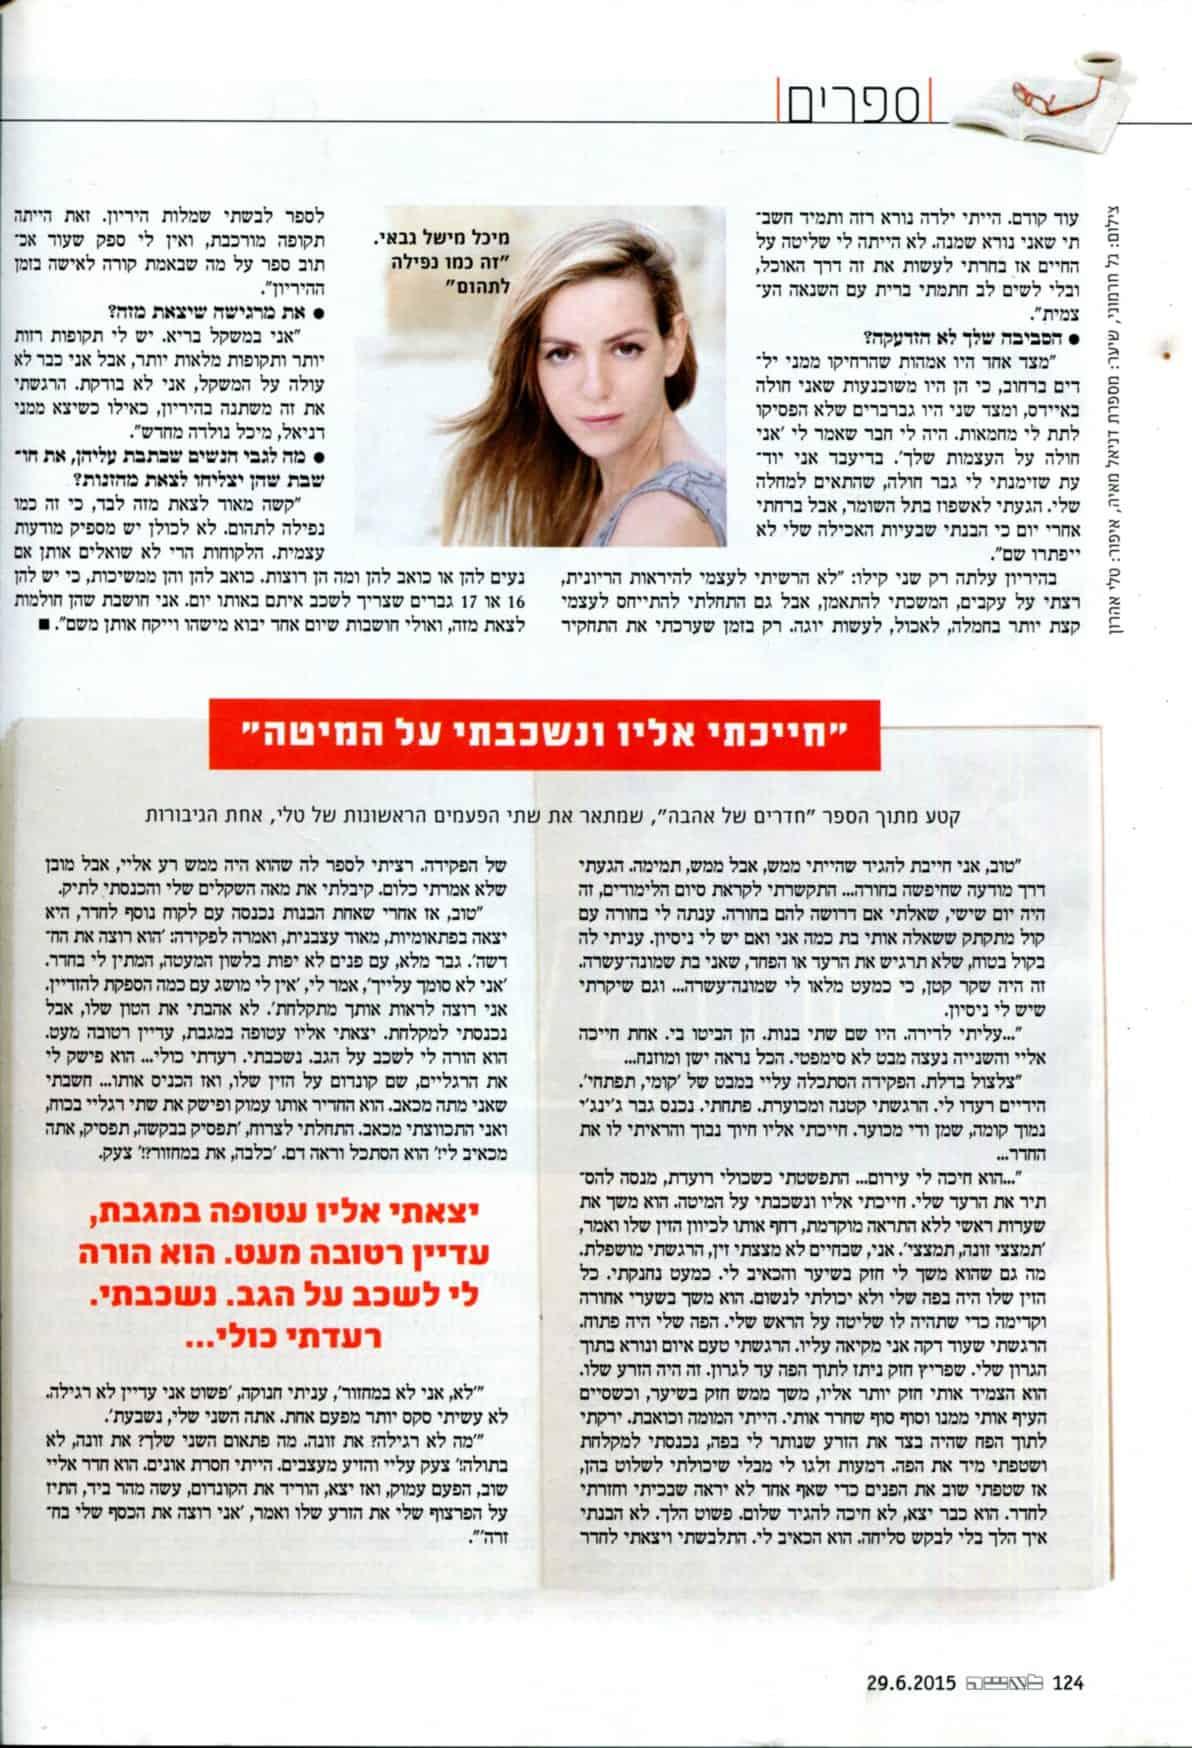 צילום של כתבה בעיתון לאישה Xnet - עמוד 3